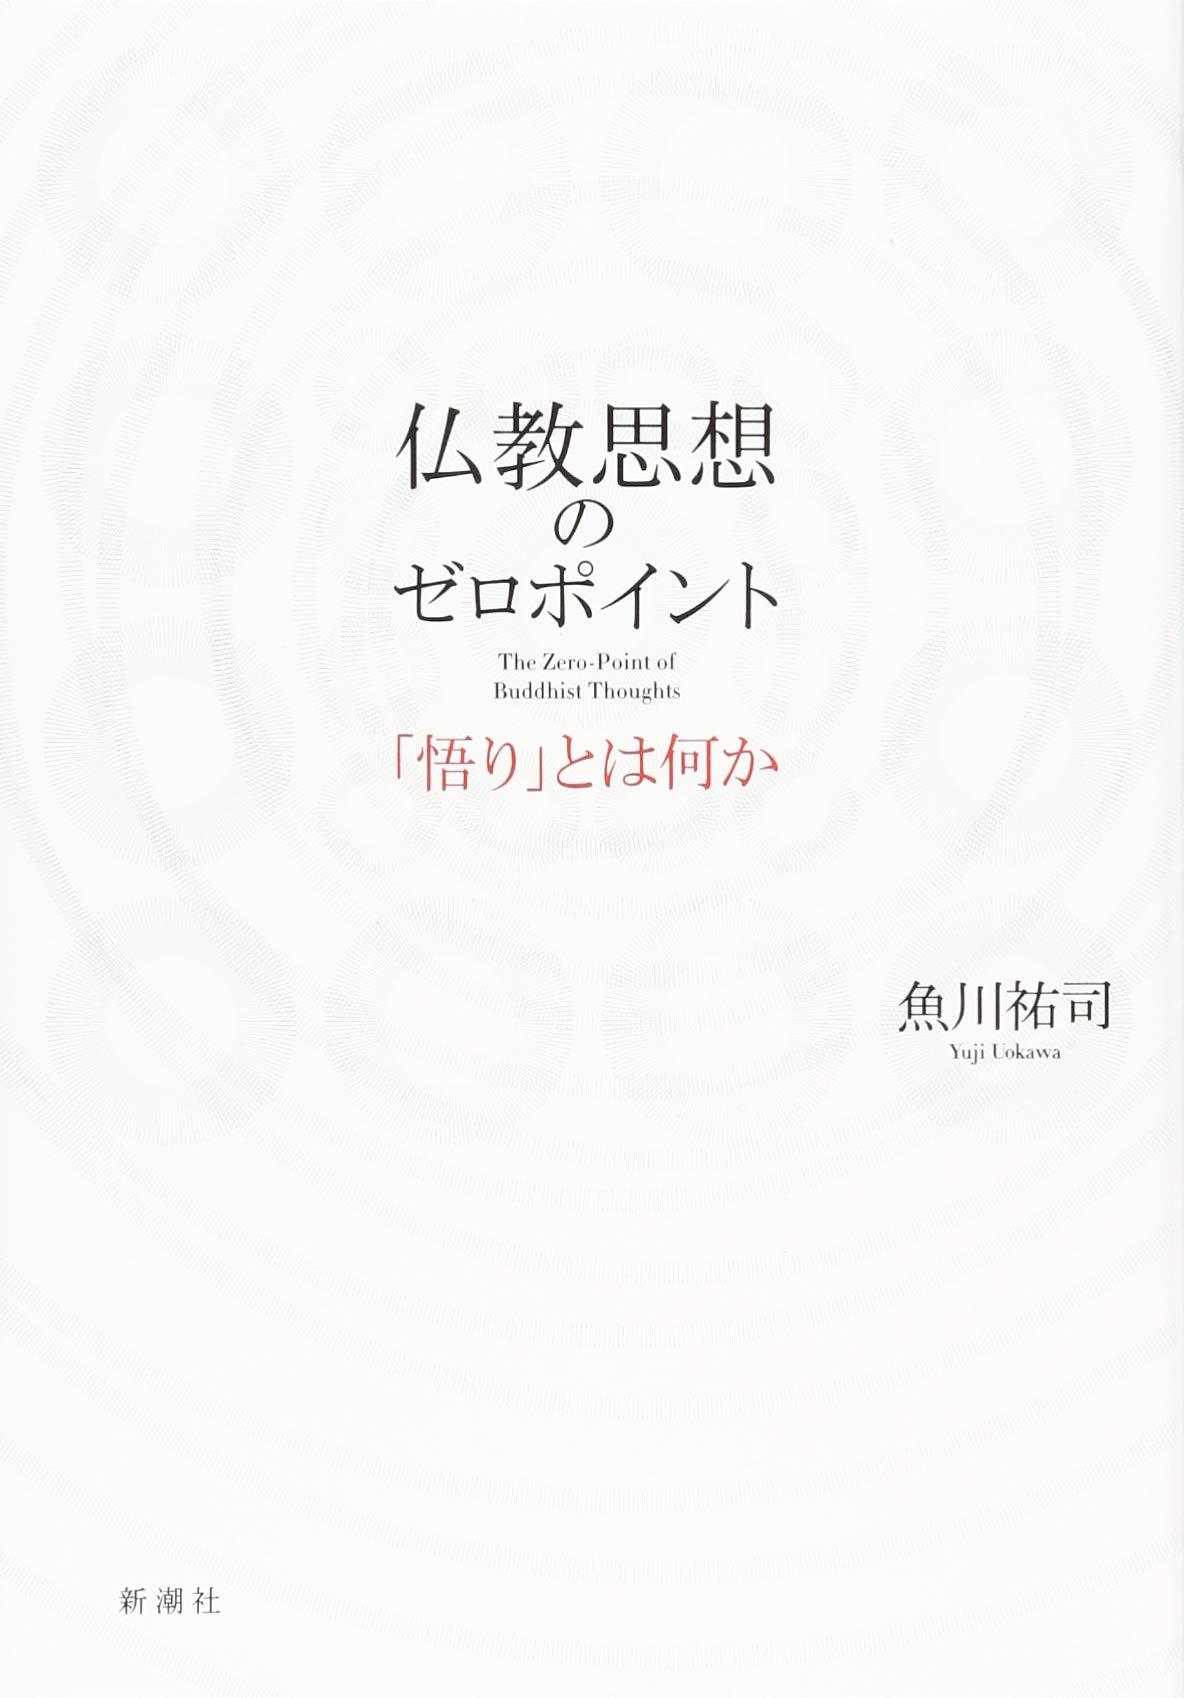 619kx6Pzl_L.jpg